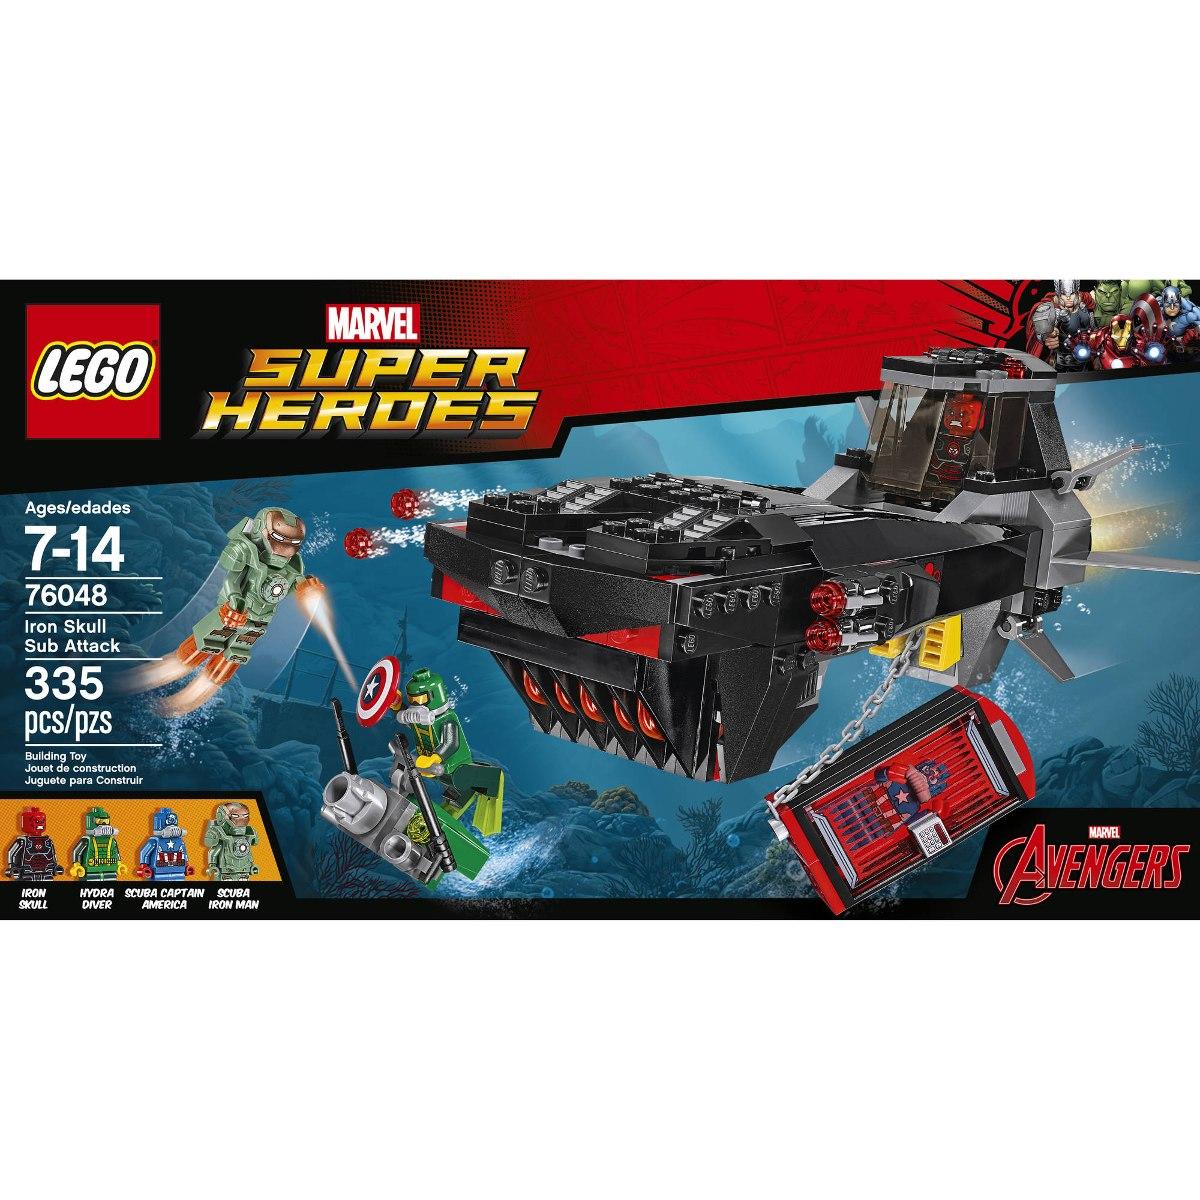 0f6e3a10fdfff 76048 Lego Marvel Submarino Caveira Ferro 7-14 Anos - R  201,90 em ...